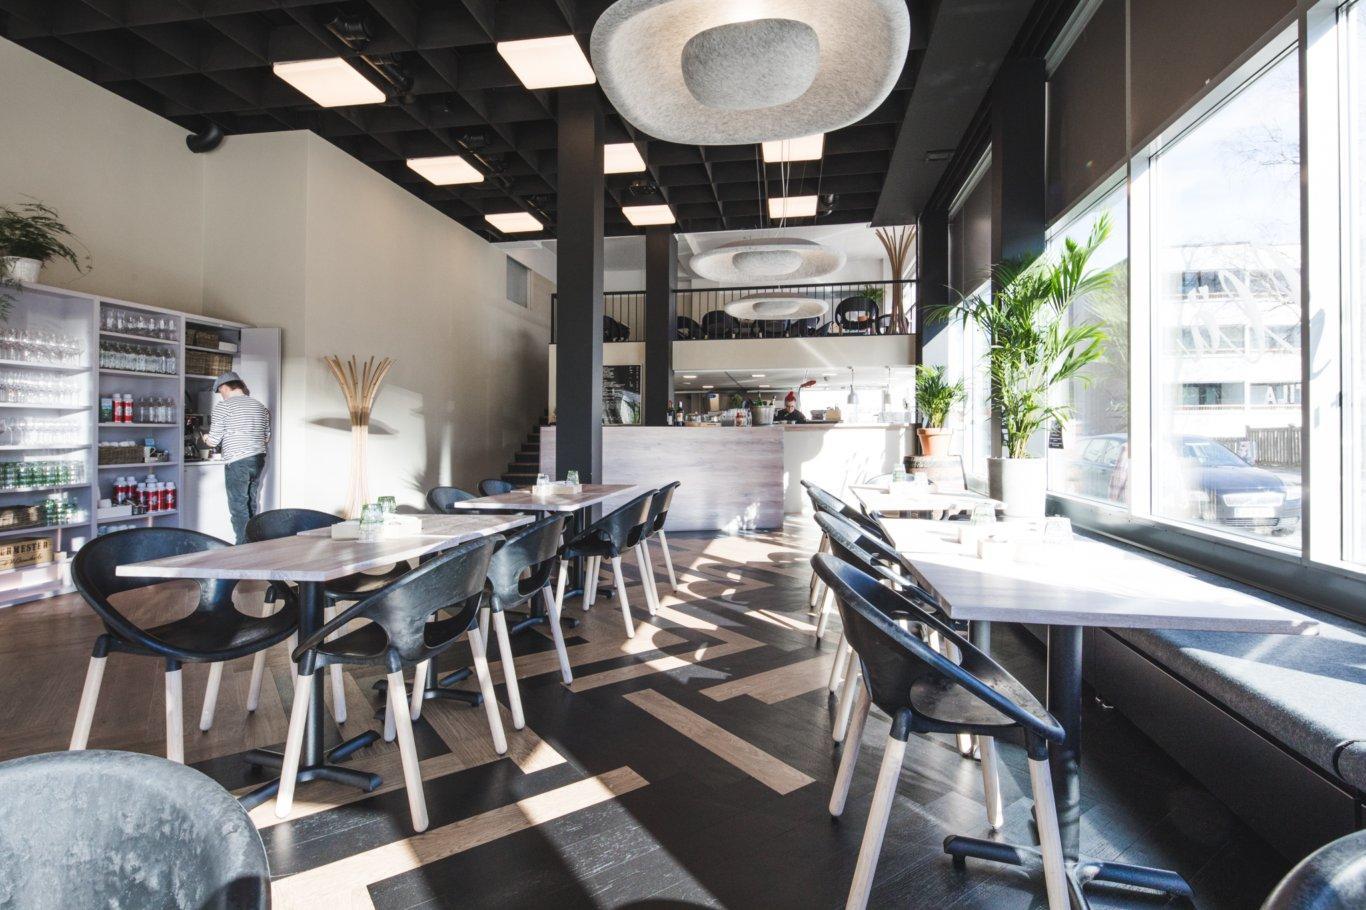 Seinäjoen Äärellä ravintolan sisustus on rennon moderni